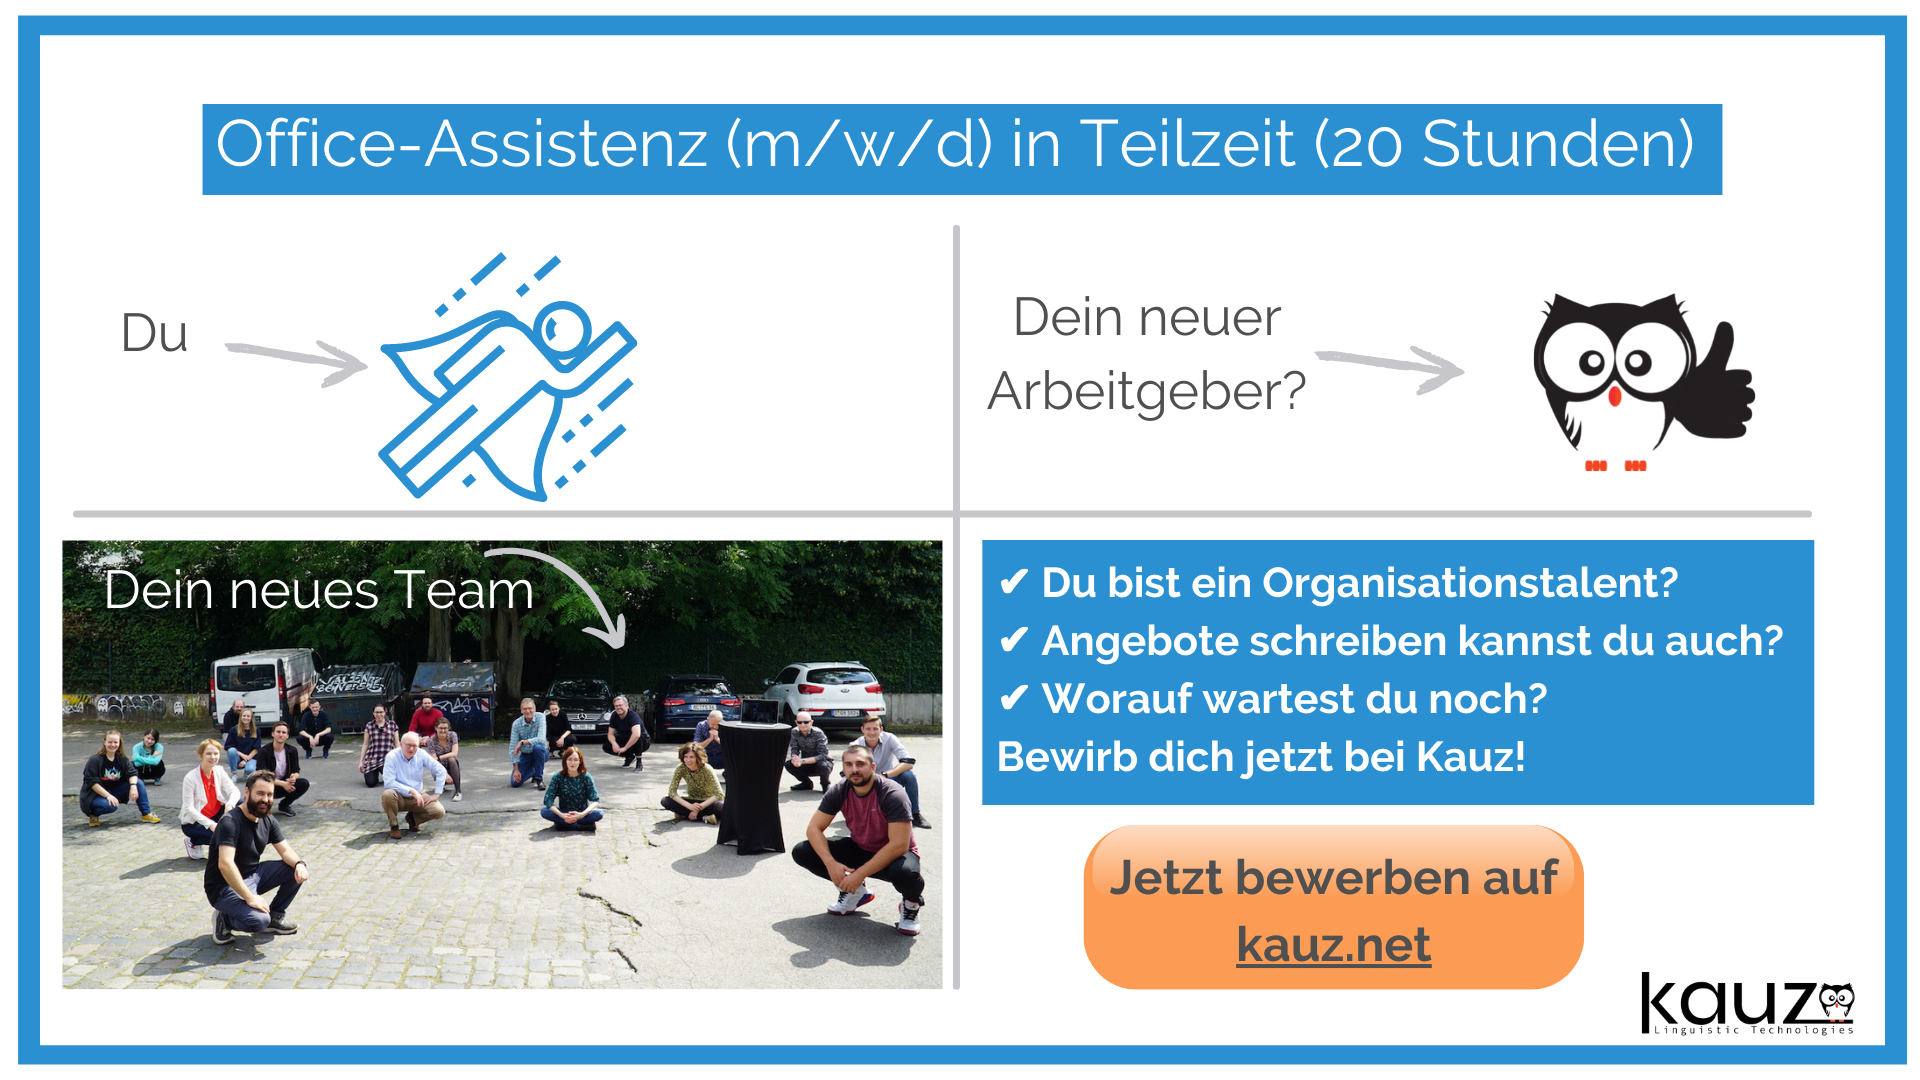 Chatbot Team Kauz Sucht Office Assistenz Job